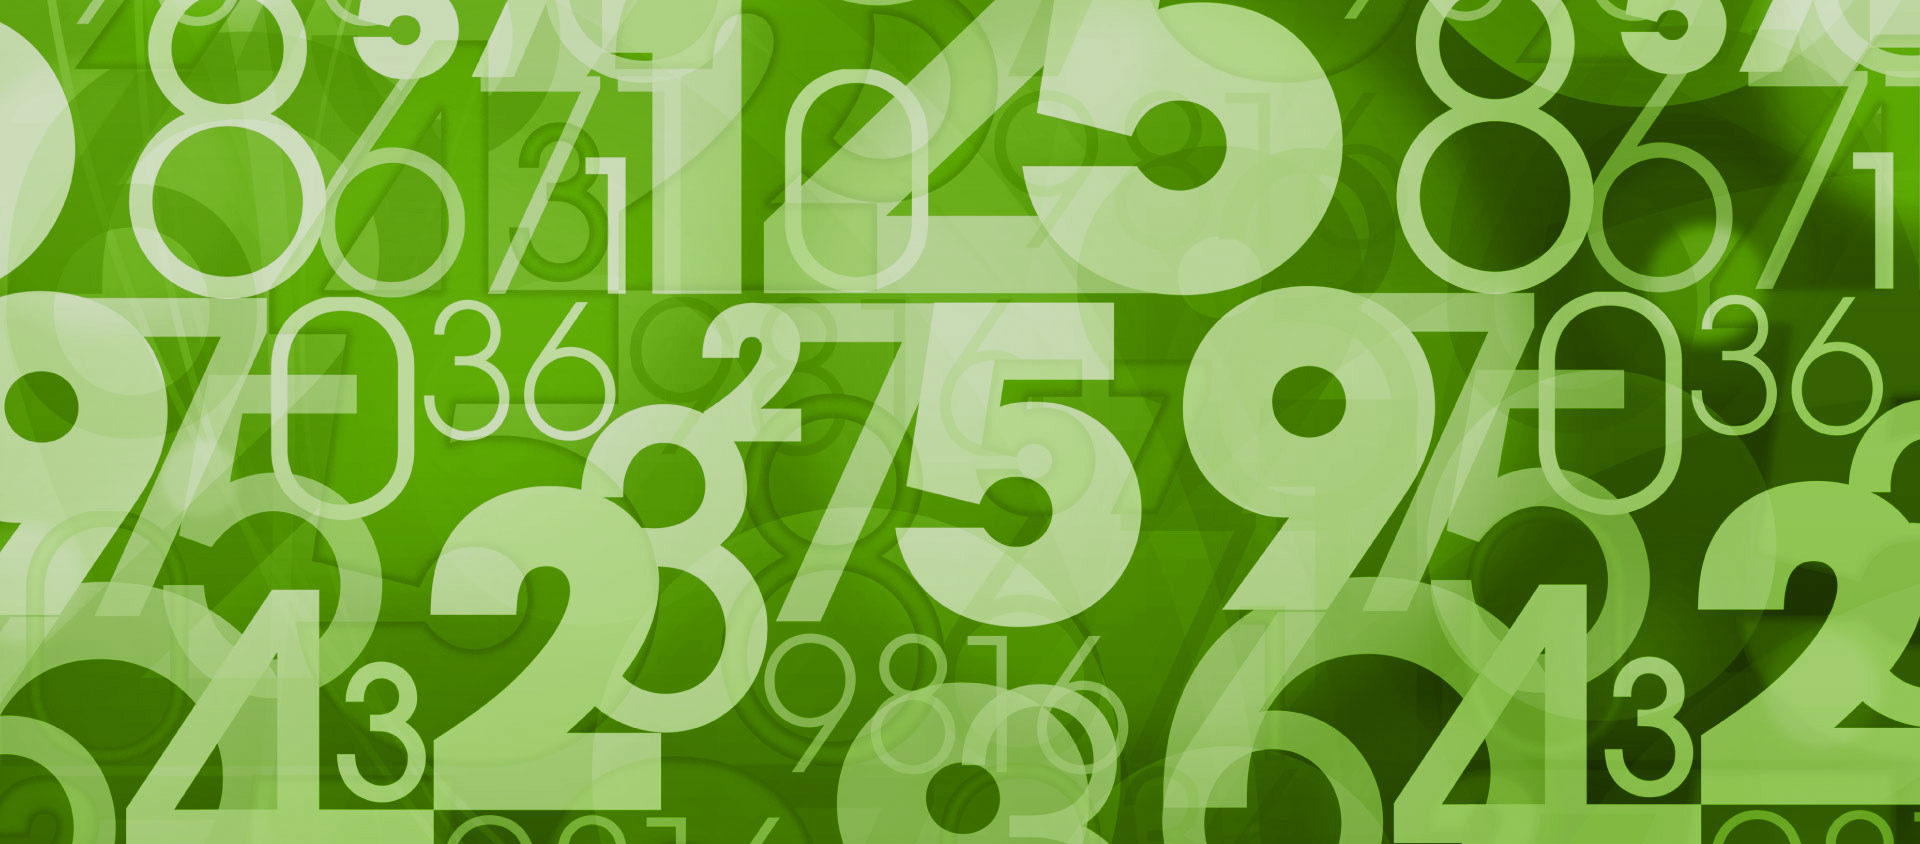 Planos de saúde: ANS divulga números de fevereiro